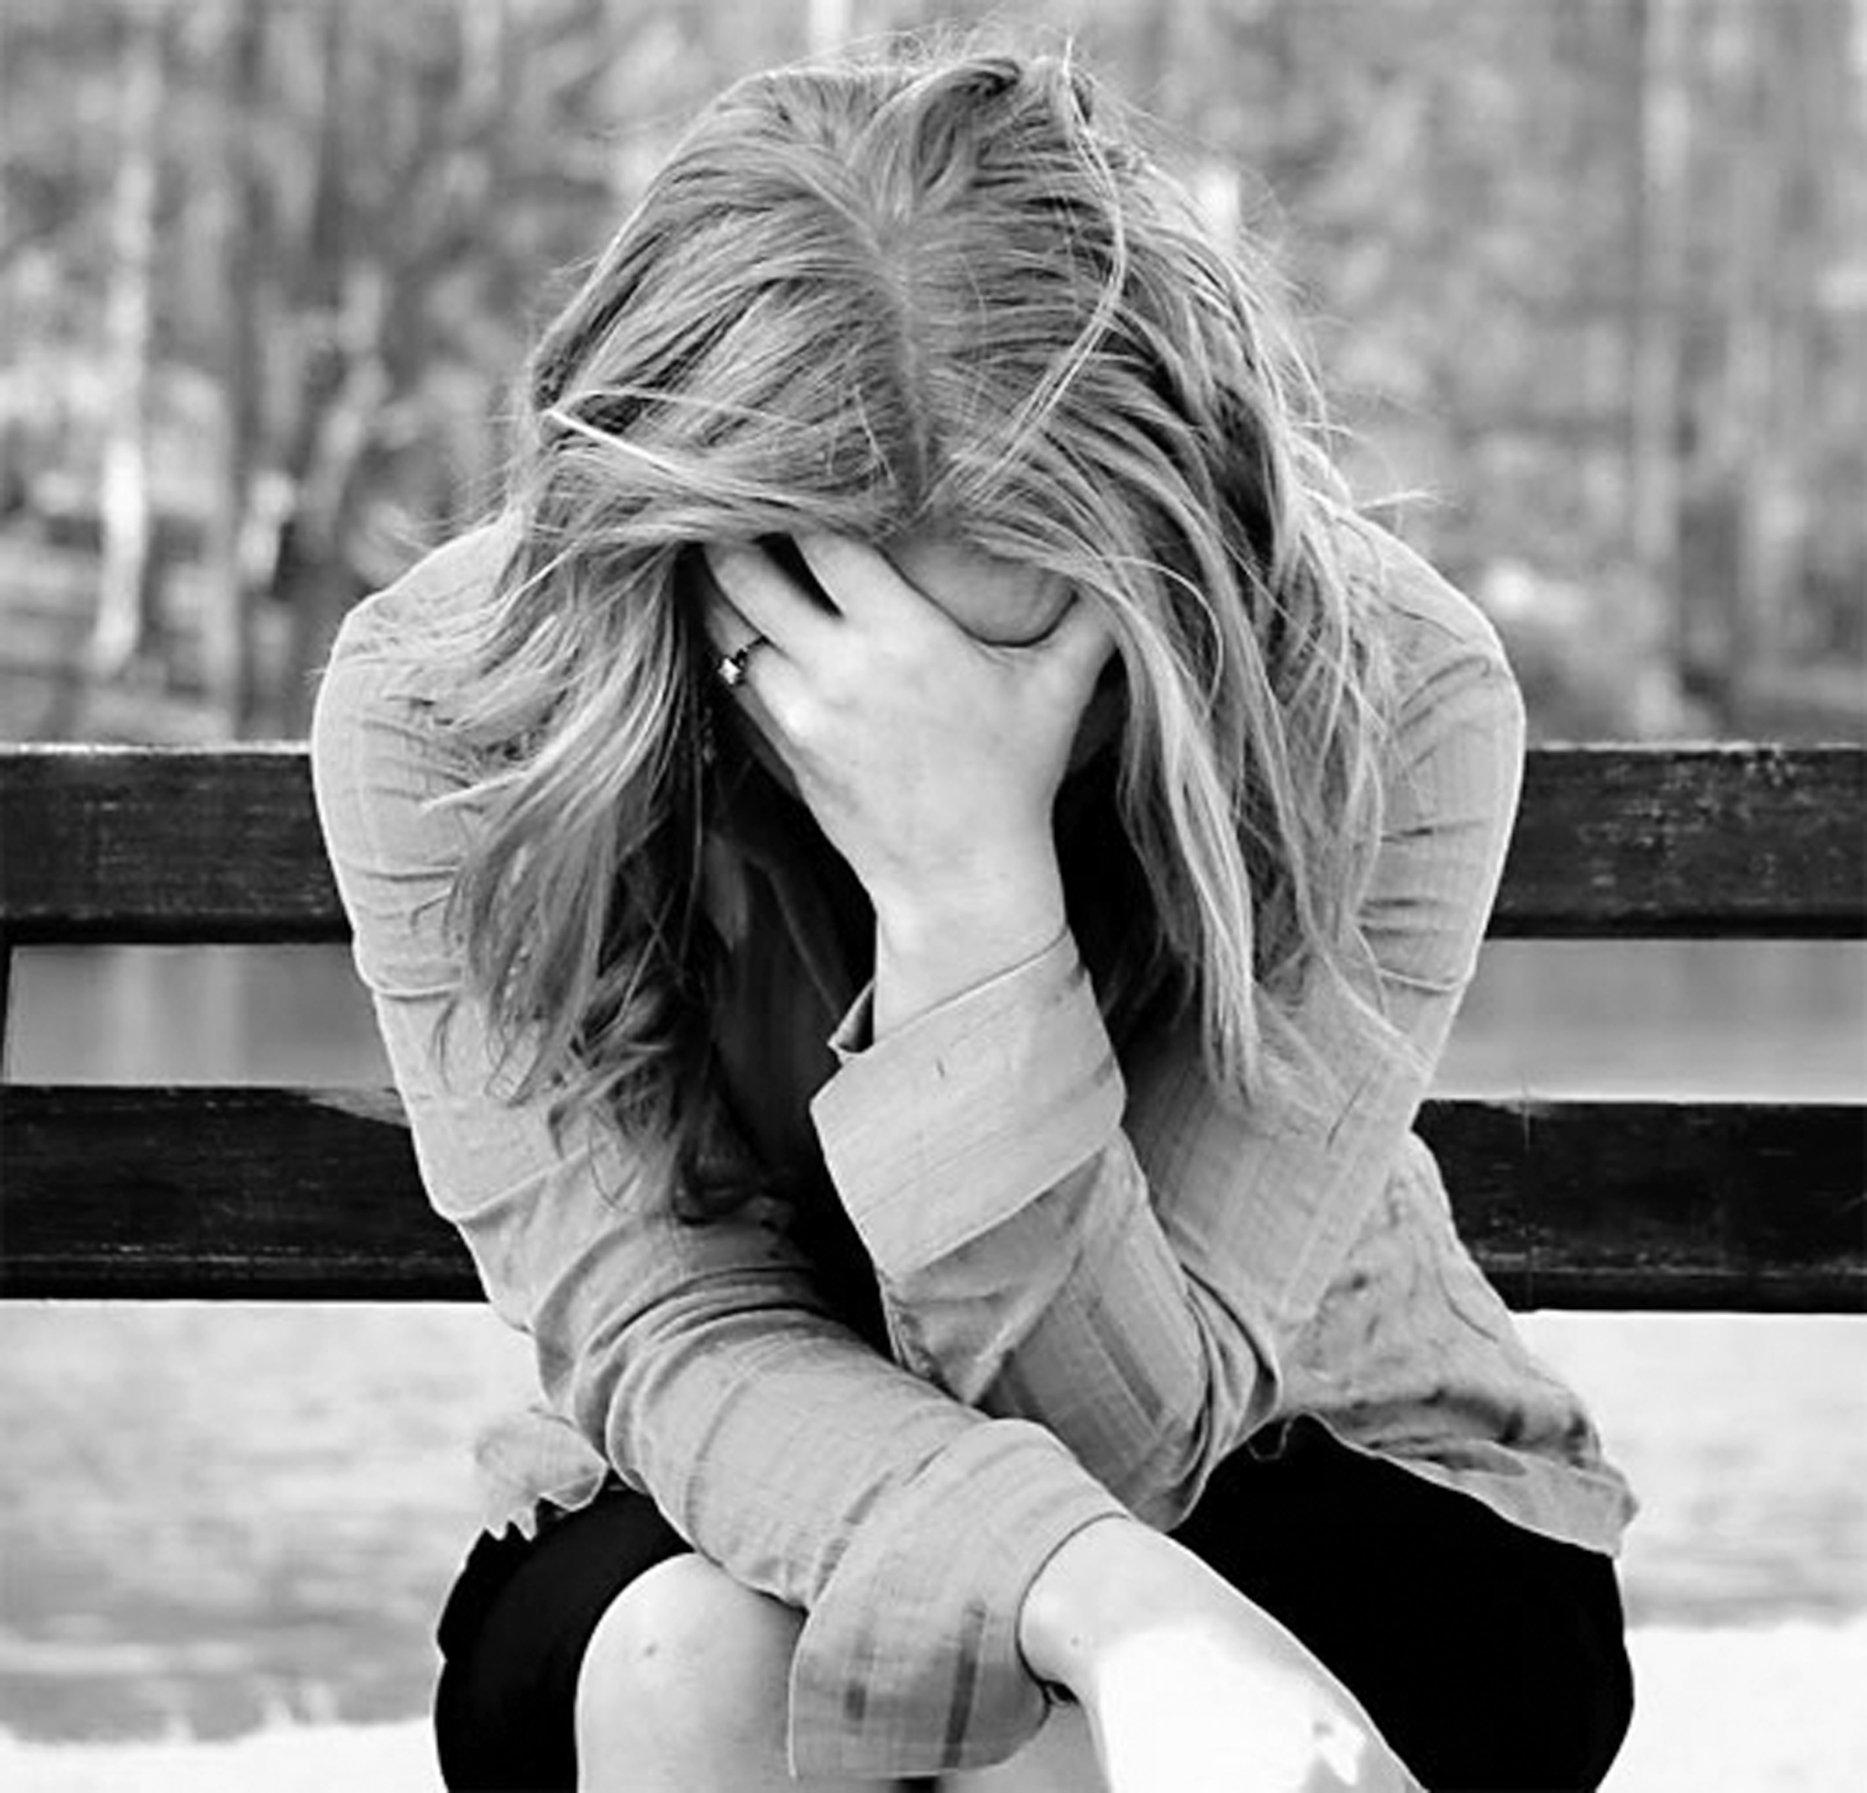 Картинки про депрессию для девушке